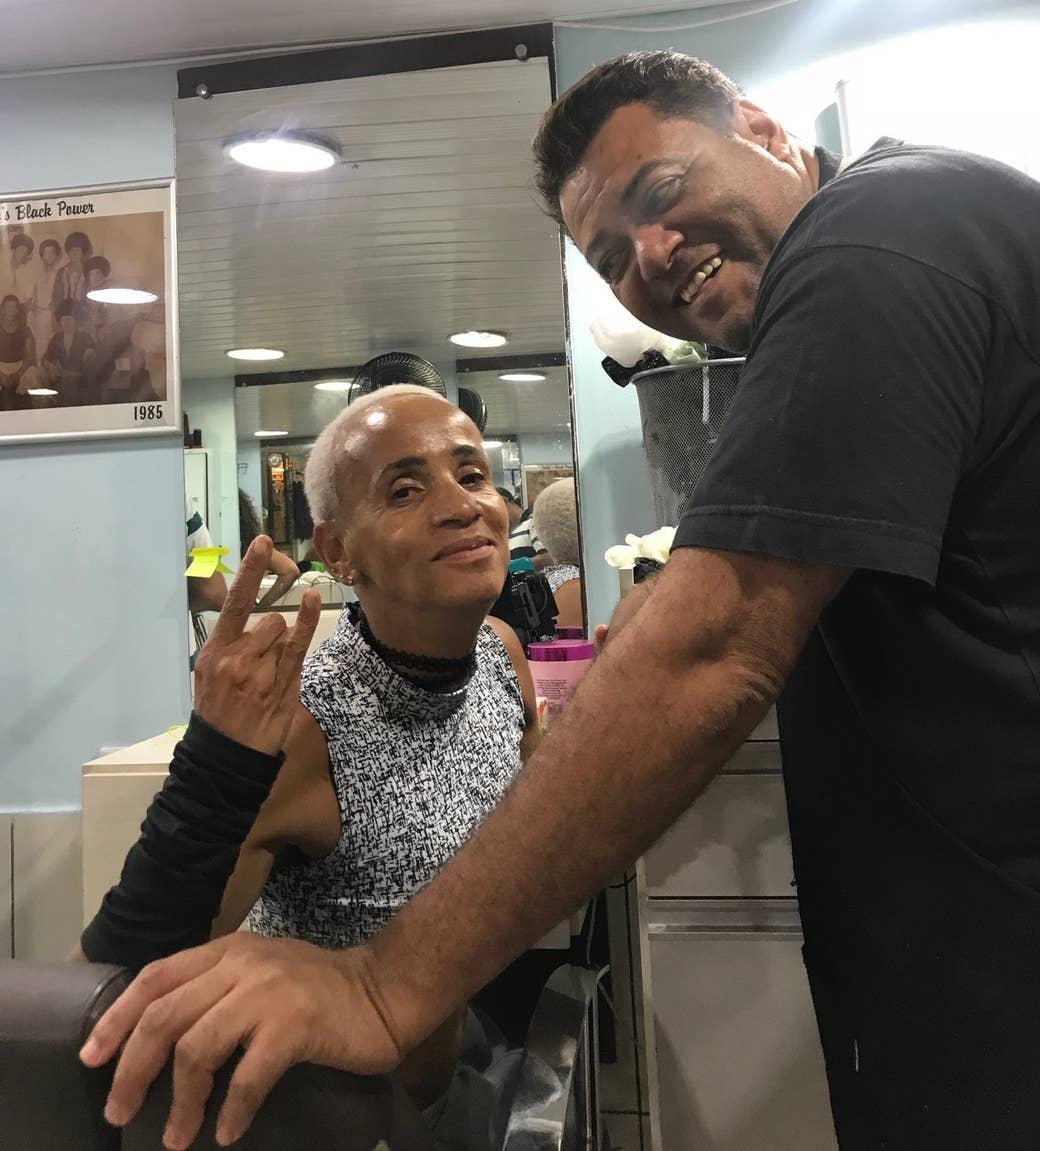 Na Galeria do Rock, com o cabeleireiro que tingiu seu cabelo.